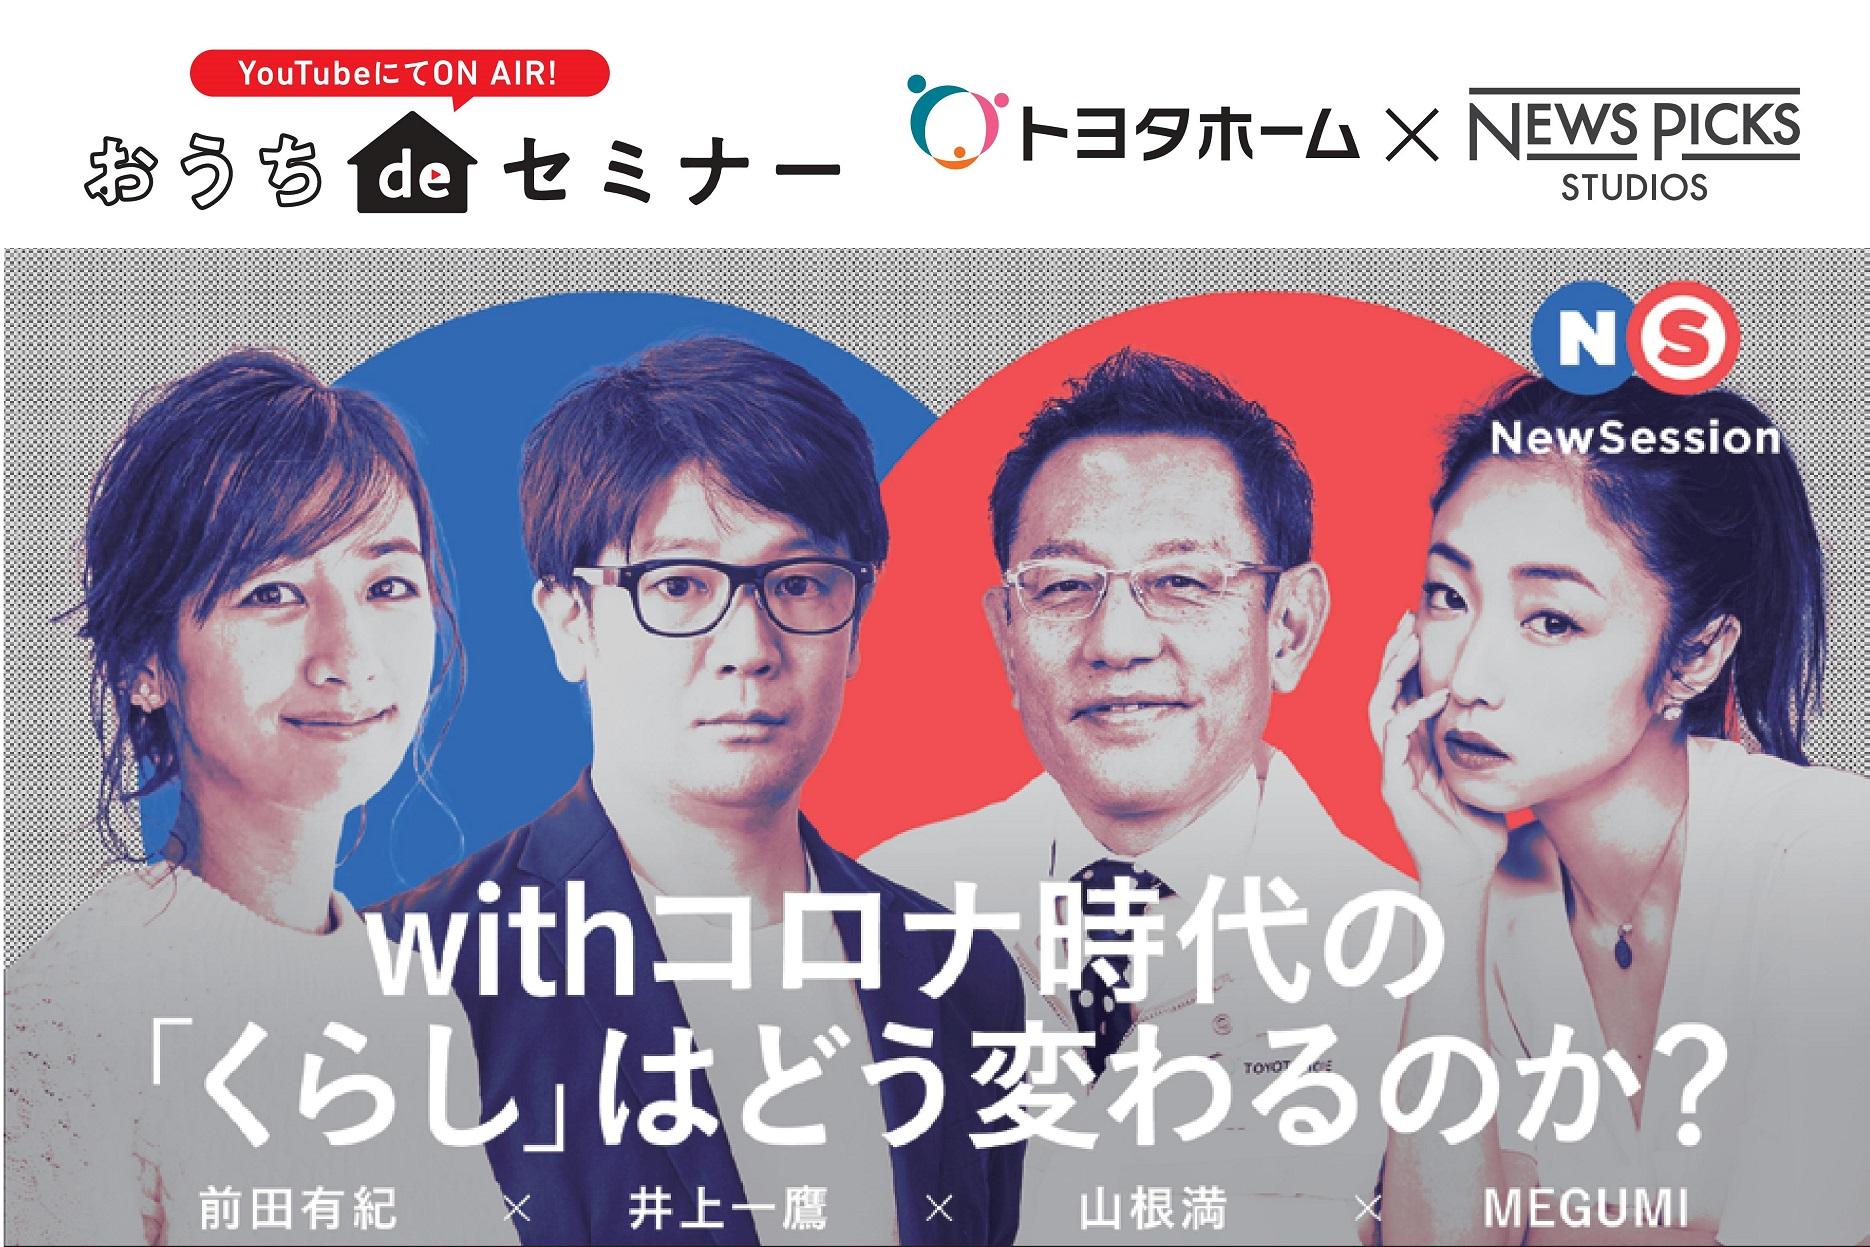 5/22(土)◆【おうちdeセミナー】withコロナ時代のくらしサムネイル画像